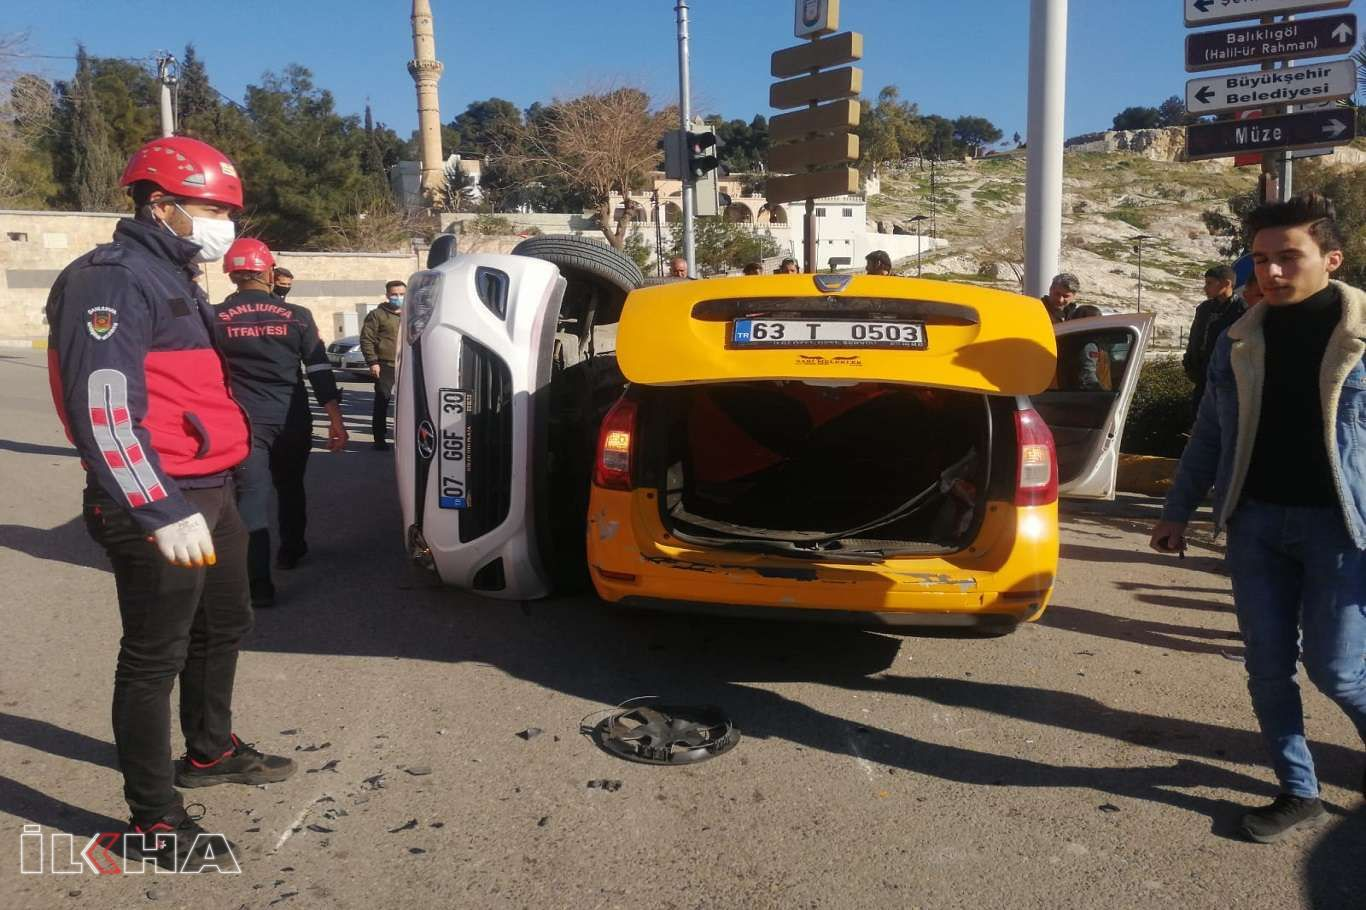 Ticari taksi ile otomobil çarpıştı: 2 yaralı